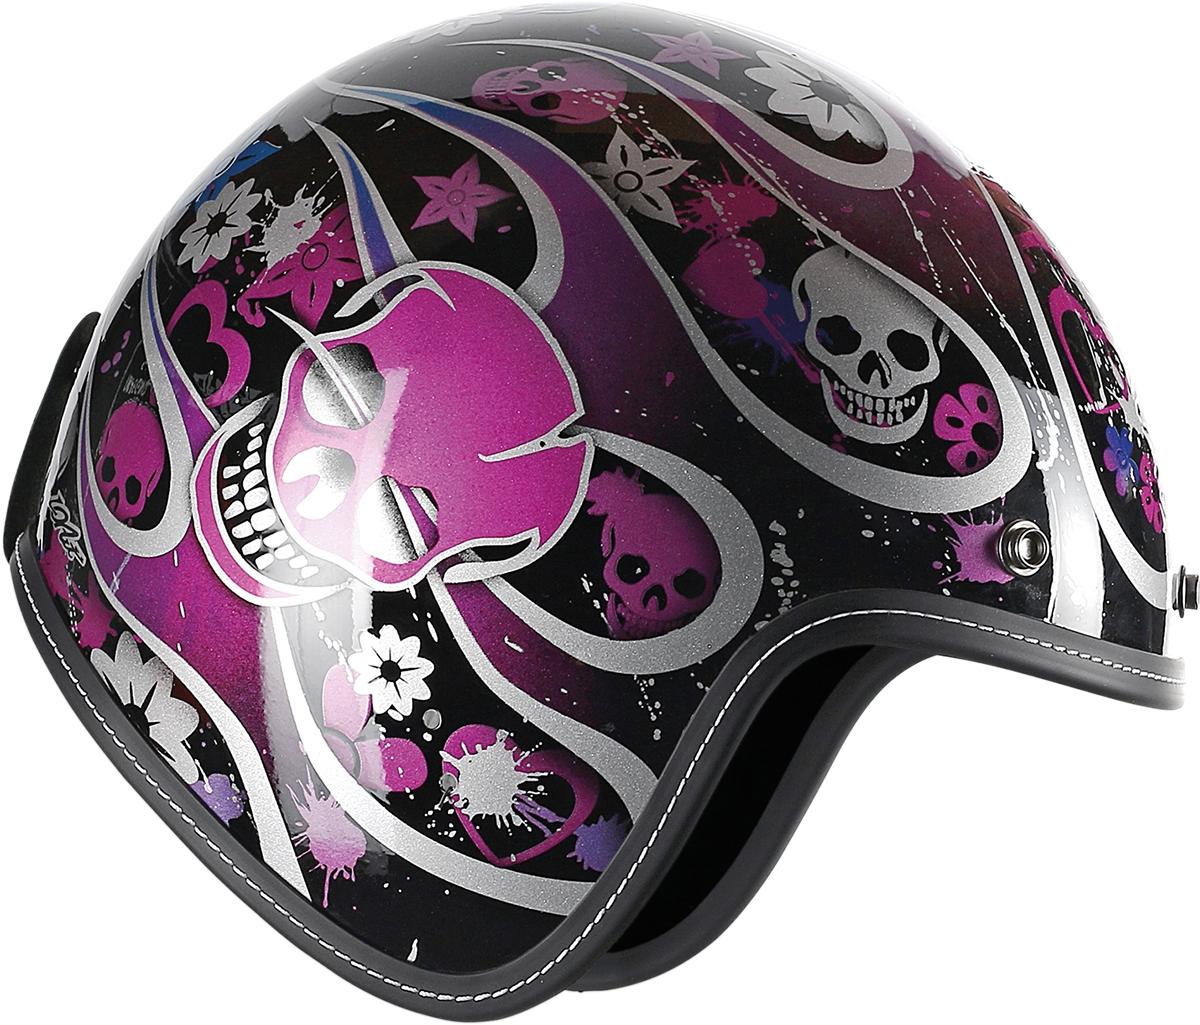 AGV RP60 Skully Helmet